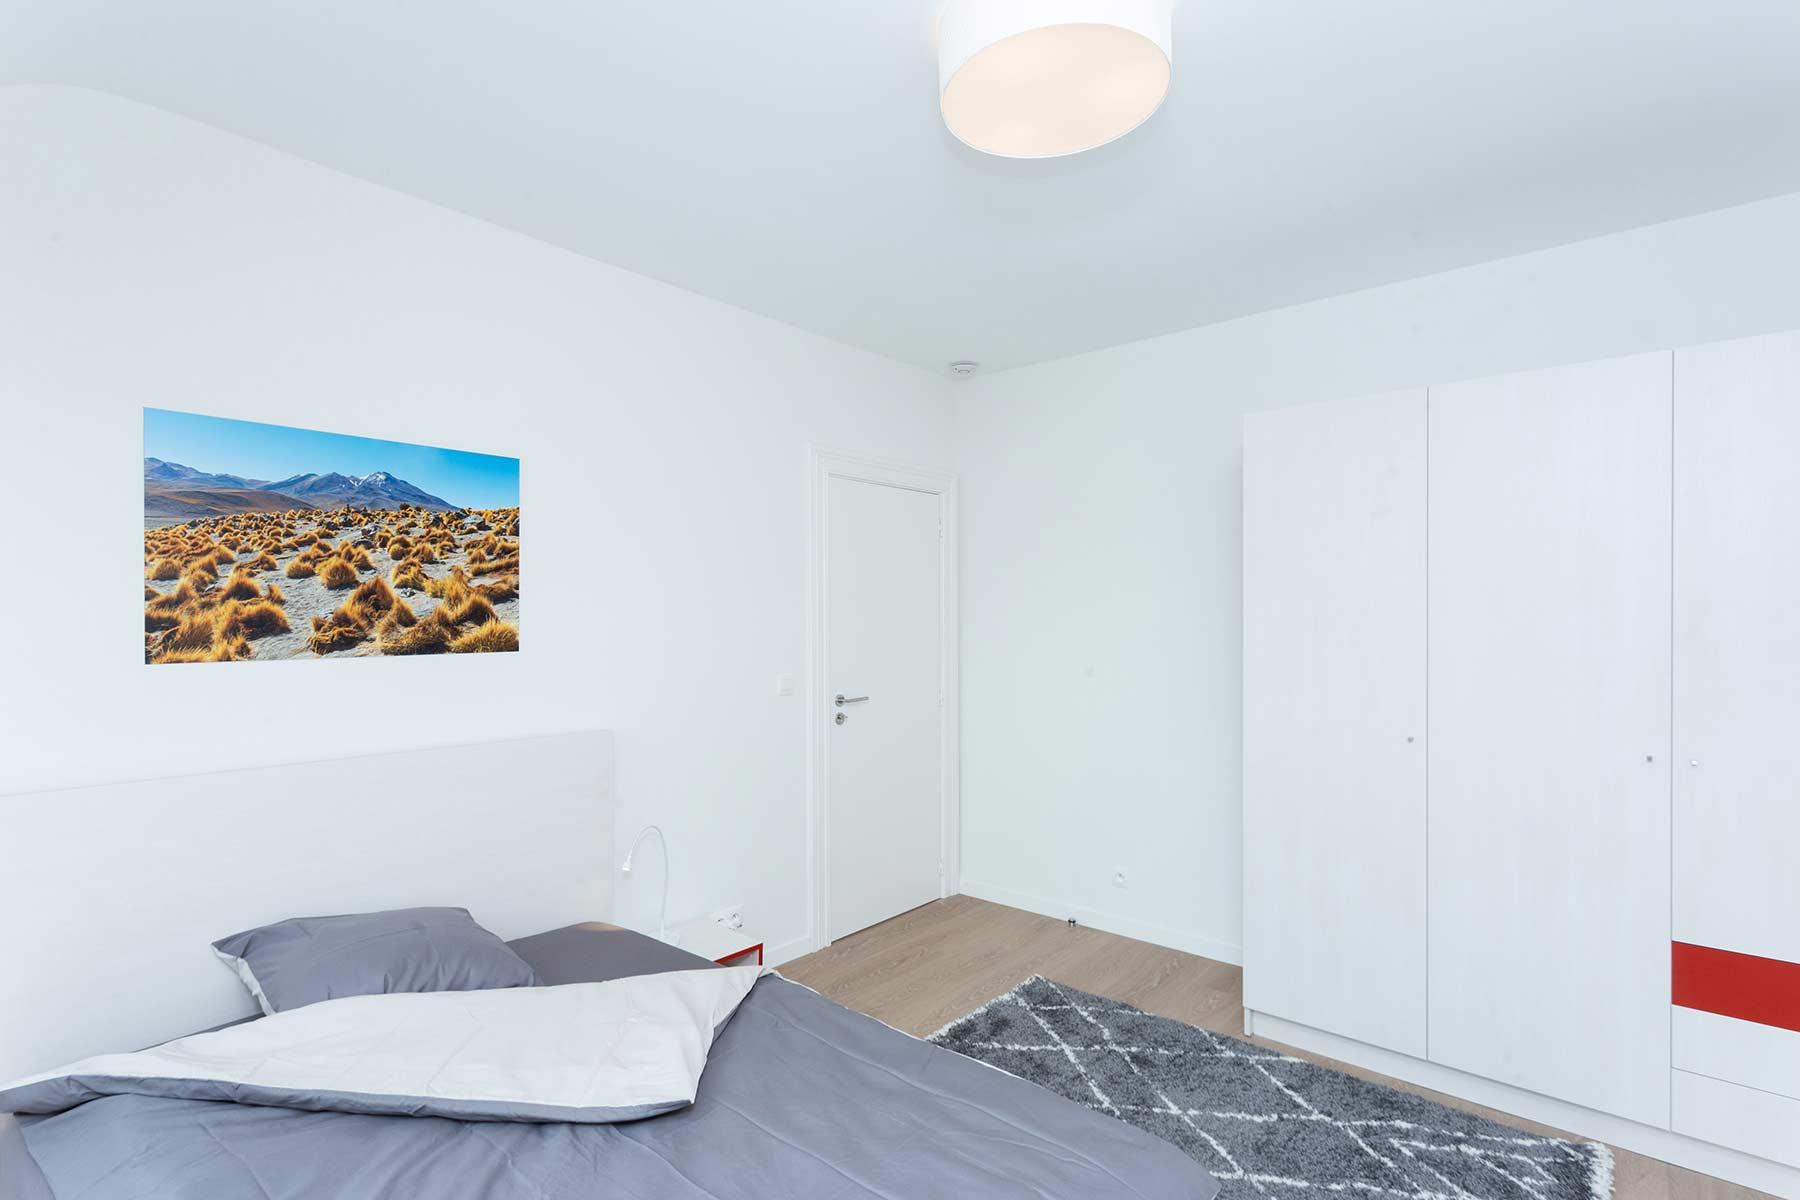 Chambre meublée 1 personne 2eme étage maison Roomy Bruxelles